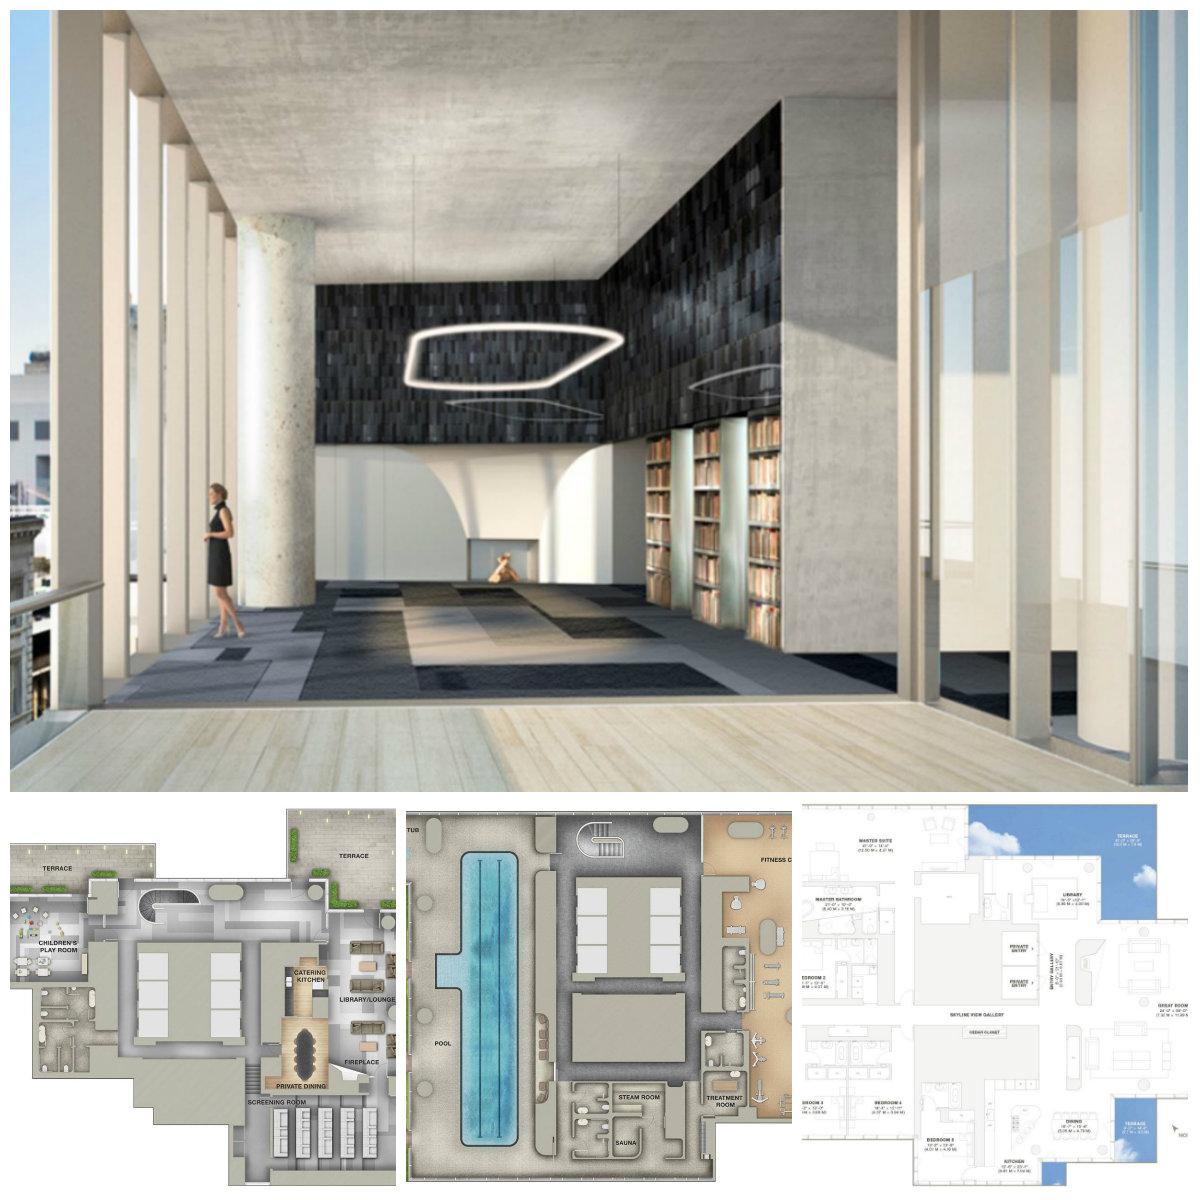 神秘买家投资5300多万美元买下曼哈顿翠贝卡街区全新奇特公寓层叠大厦的PH53和54!(草稿 ..._图1-13